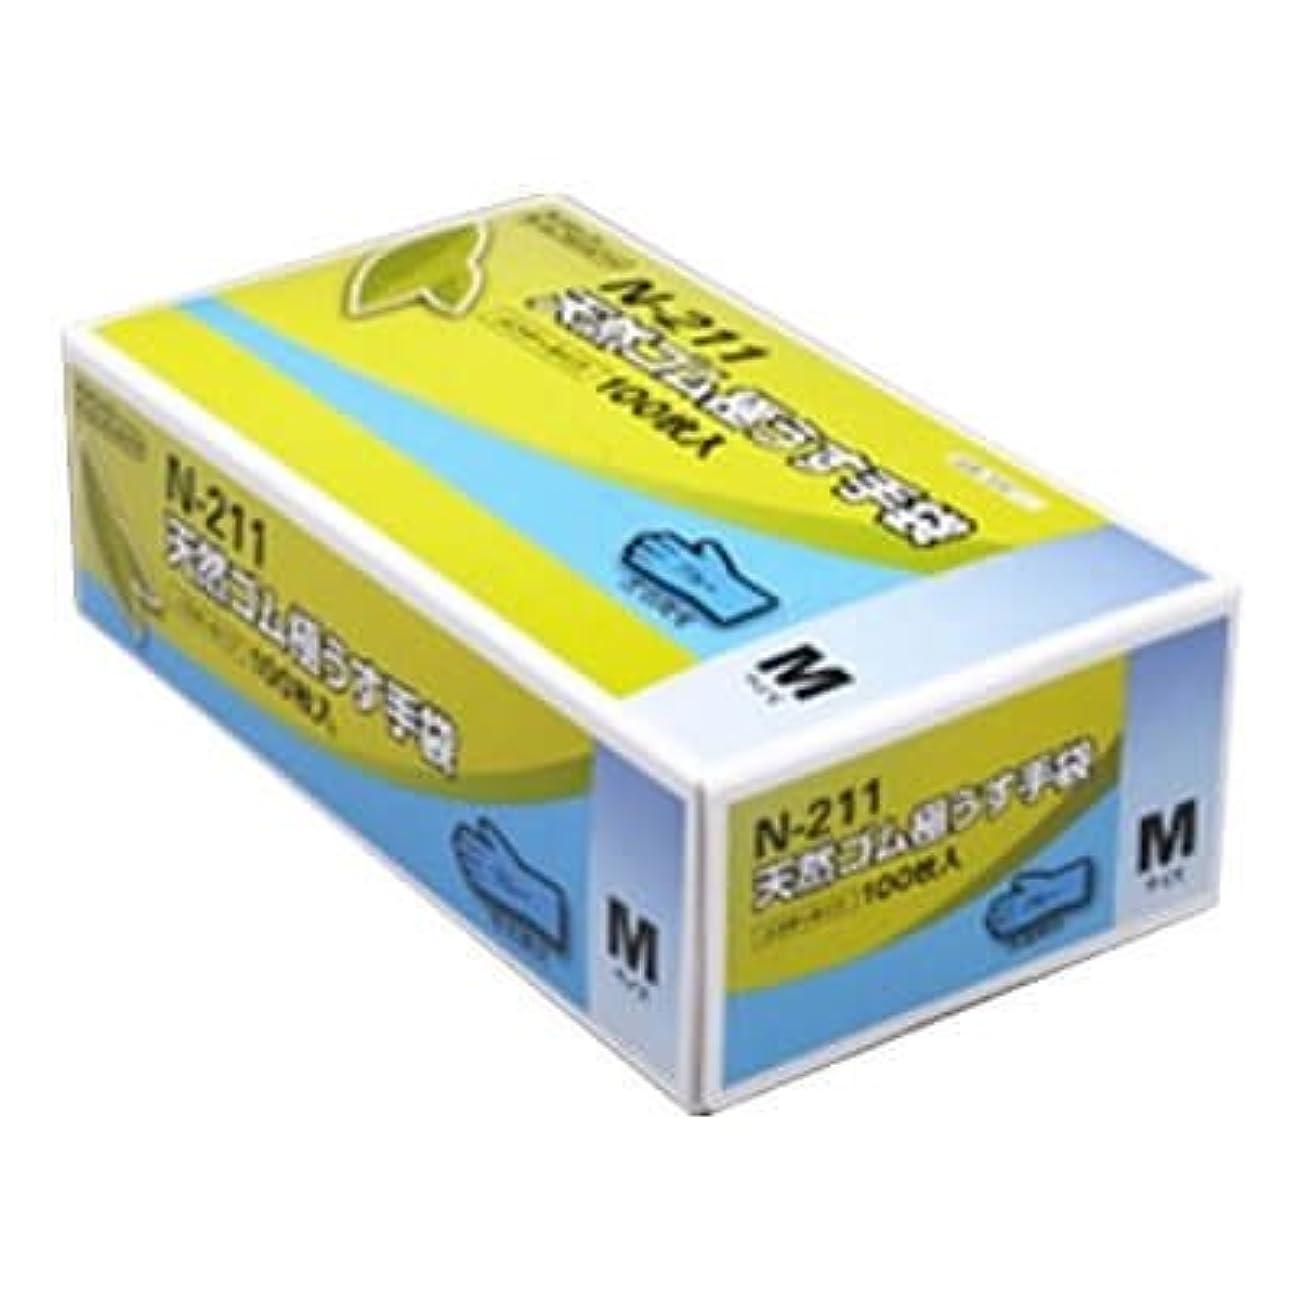 修羅場つかむ王位【ケース販売】 ダンロップ 天然ゴム極うす手袋 N-211 M ブルー (100枚入×20箱)